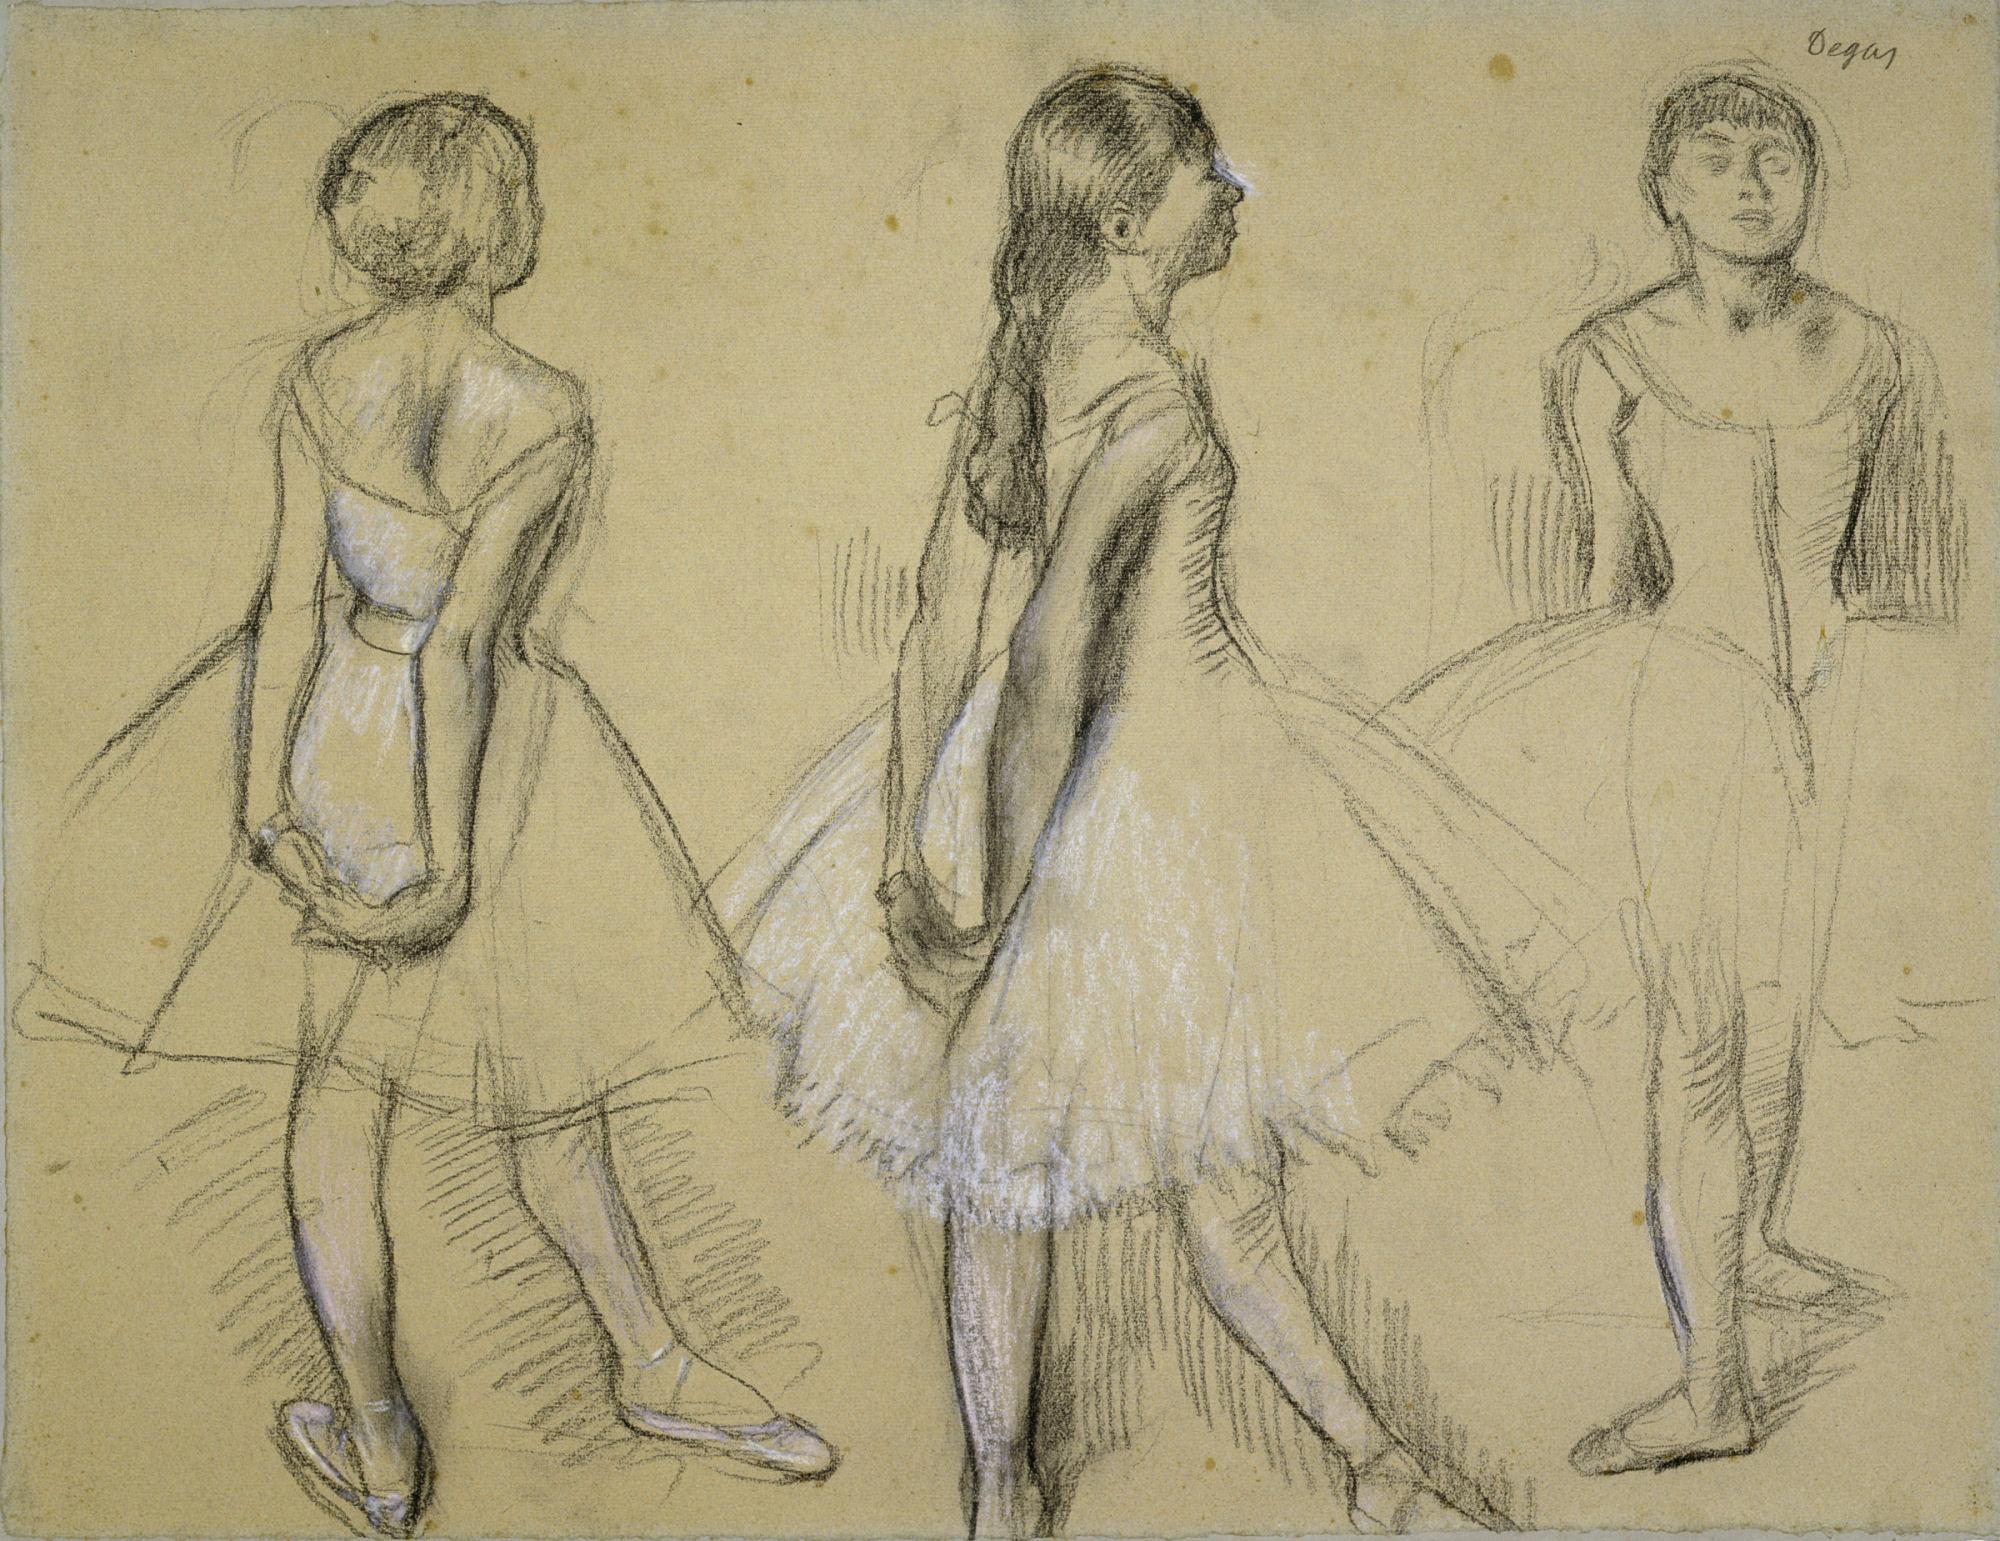 Drawn ballerina degas Www com Deborah Feller deborahfeller